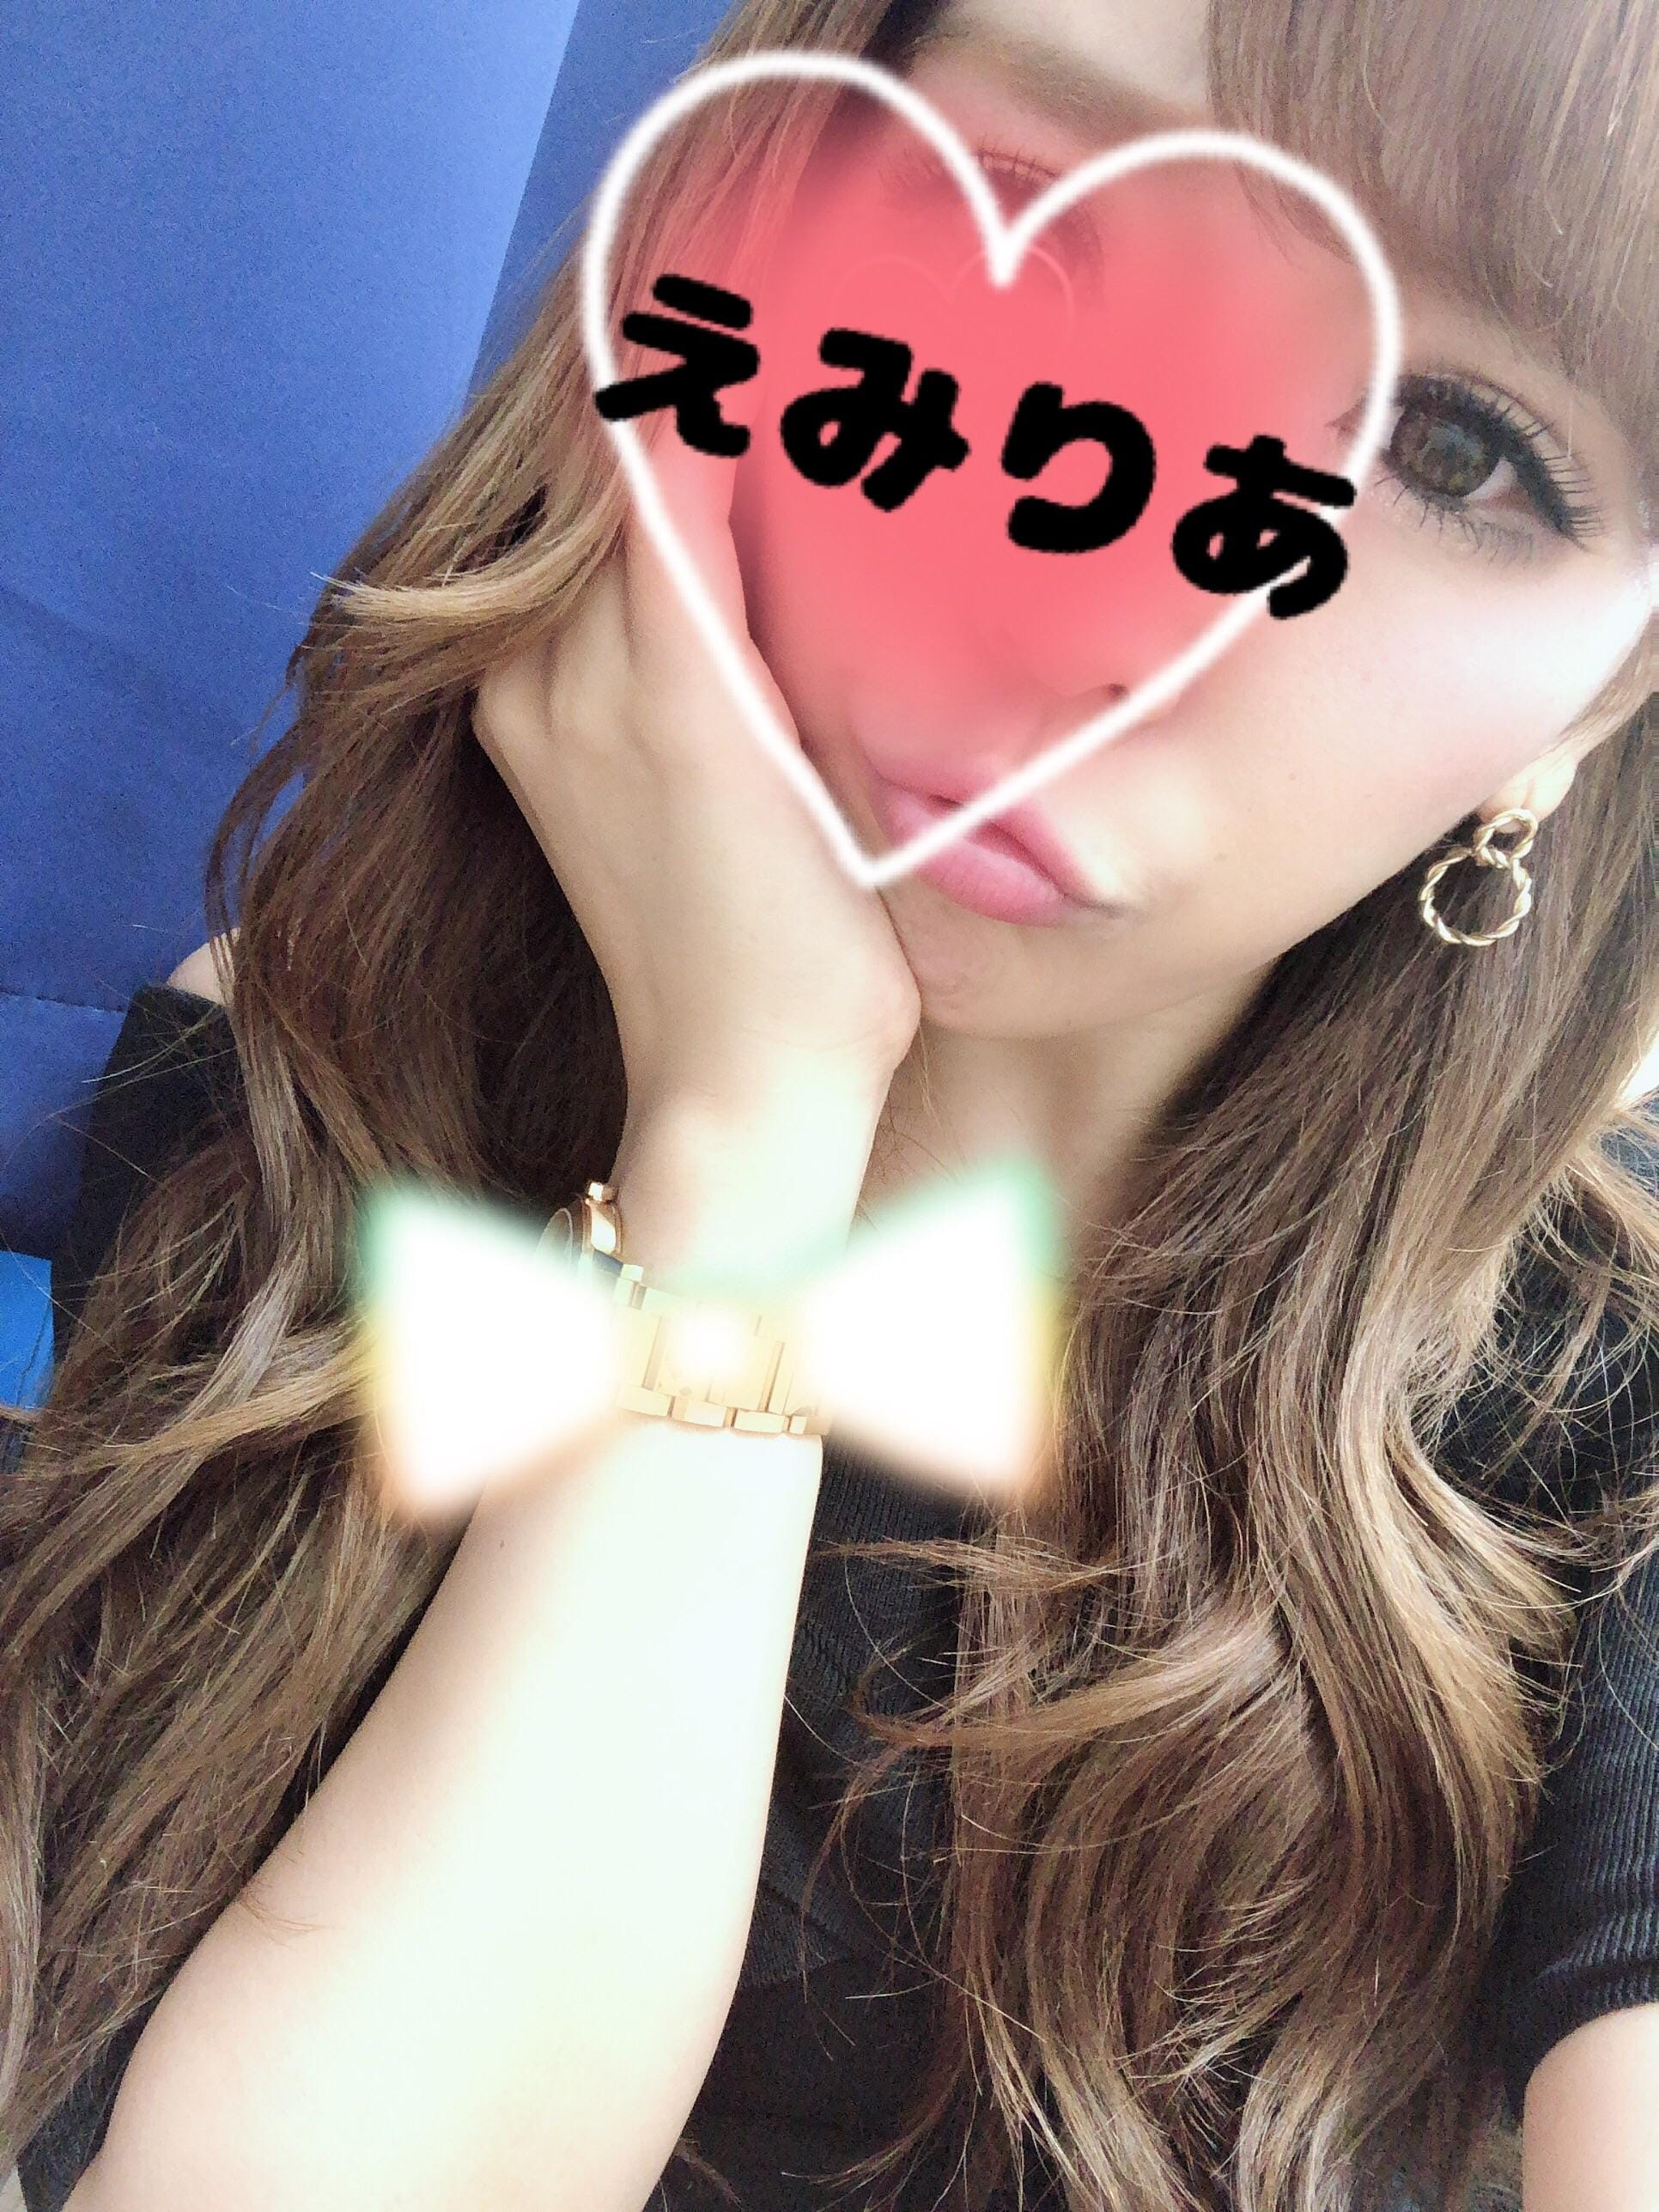 「やっちまったい!!」11/09(金) 17:54 | えみりあの写メ・風俗動画